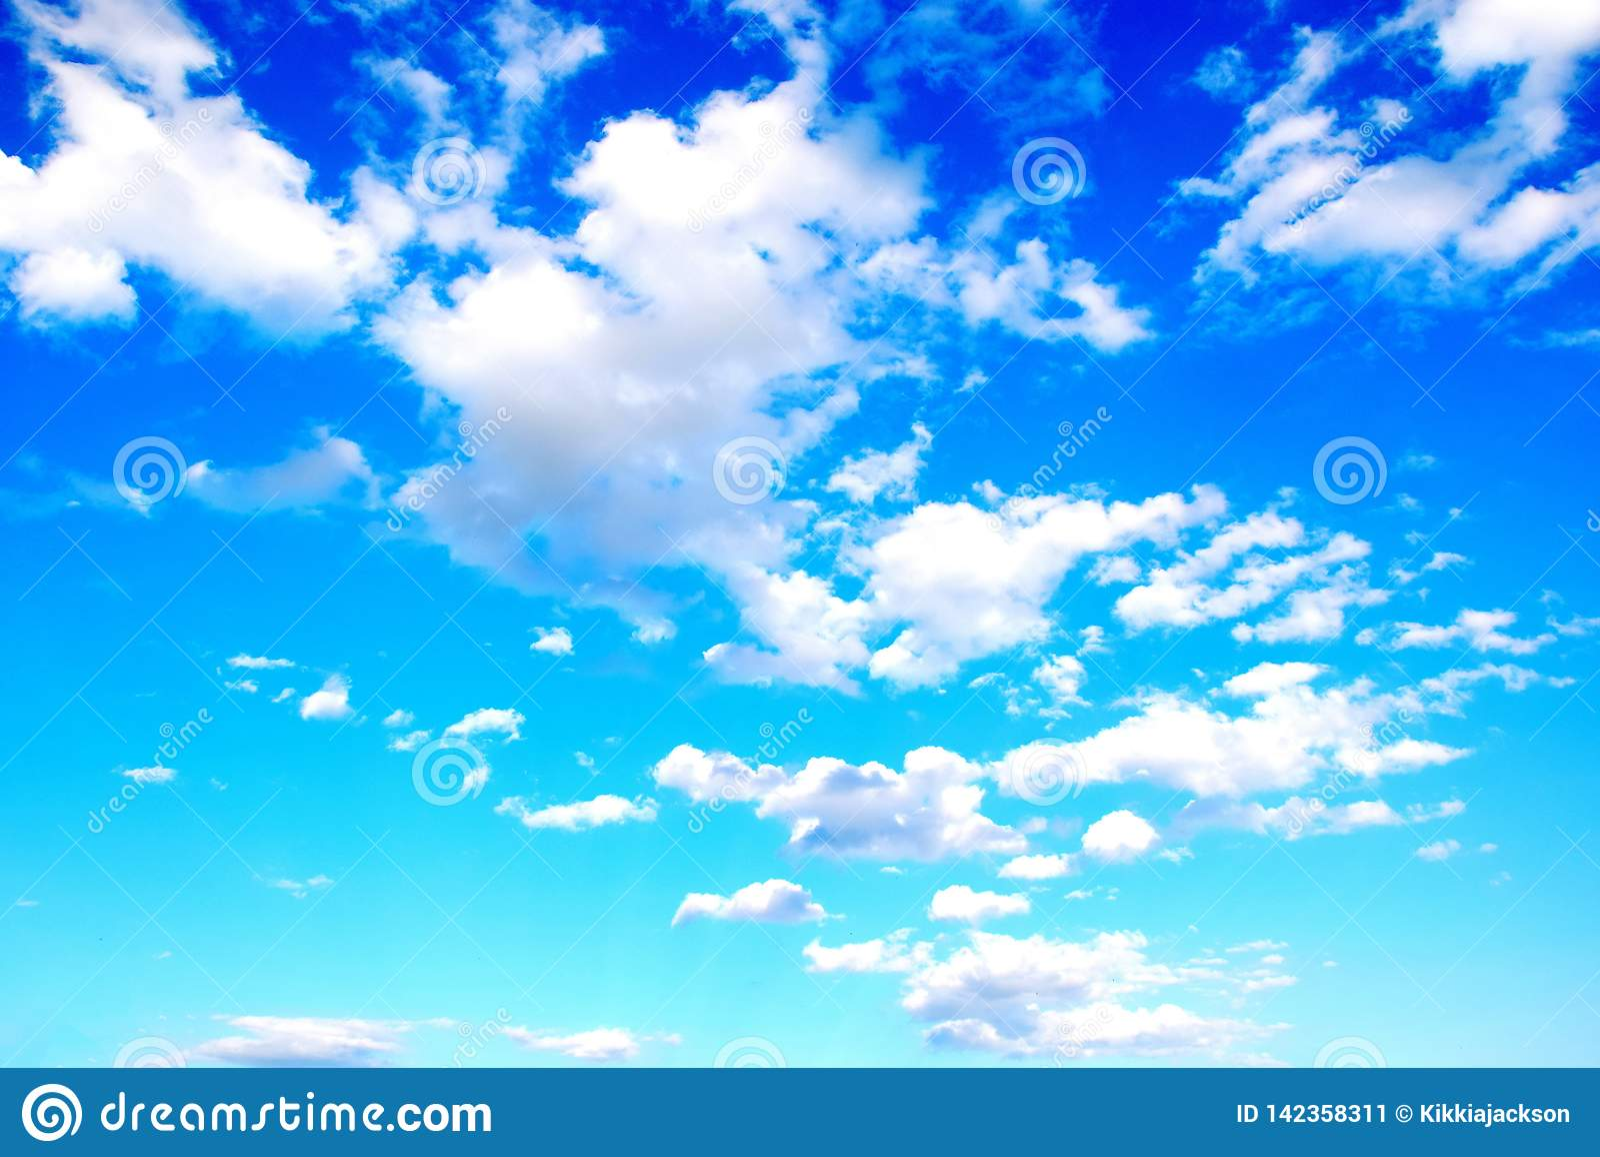 Bleu de ciel avec la photo courante de fond scénique coloré de nuages